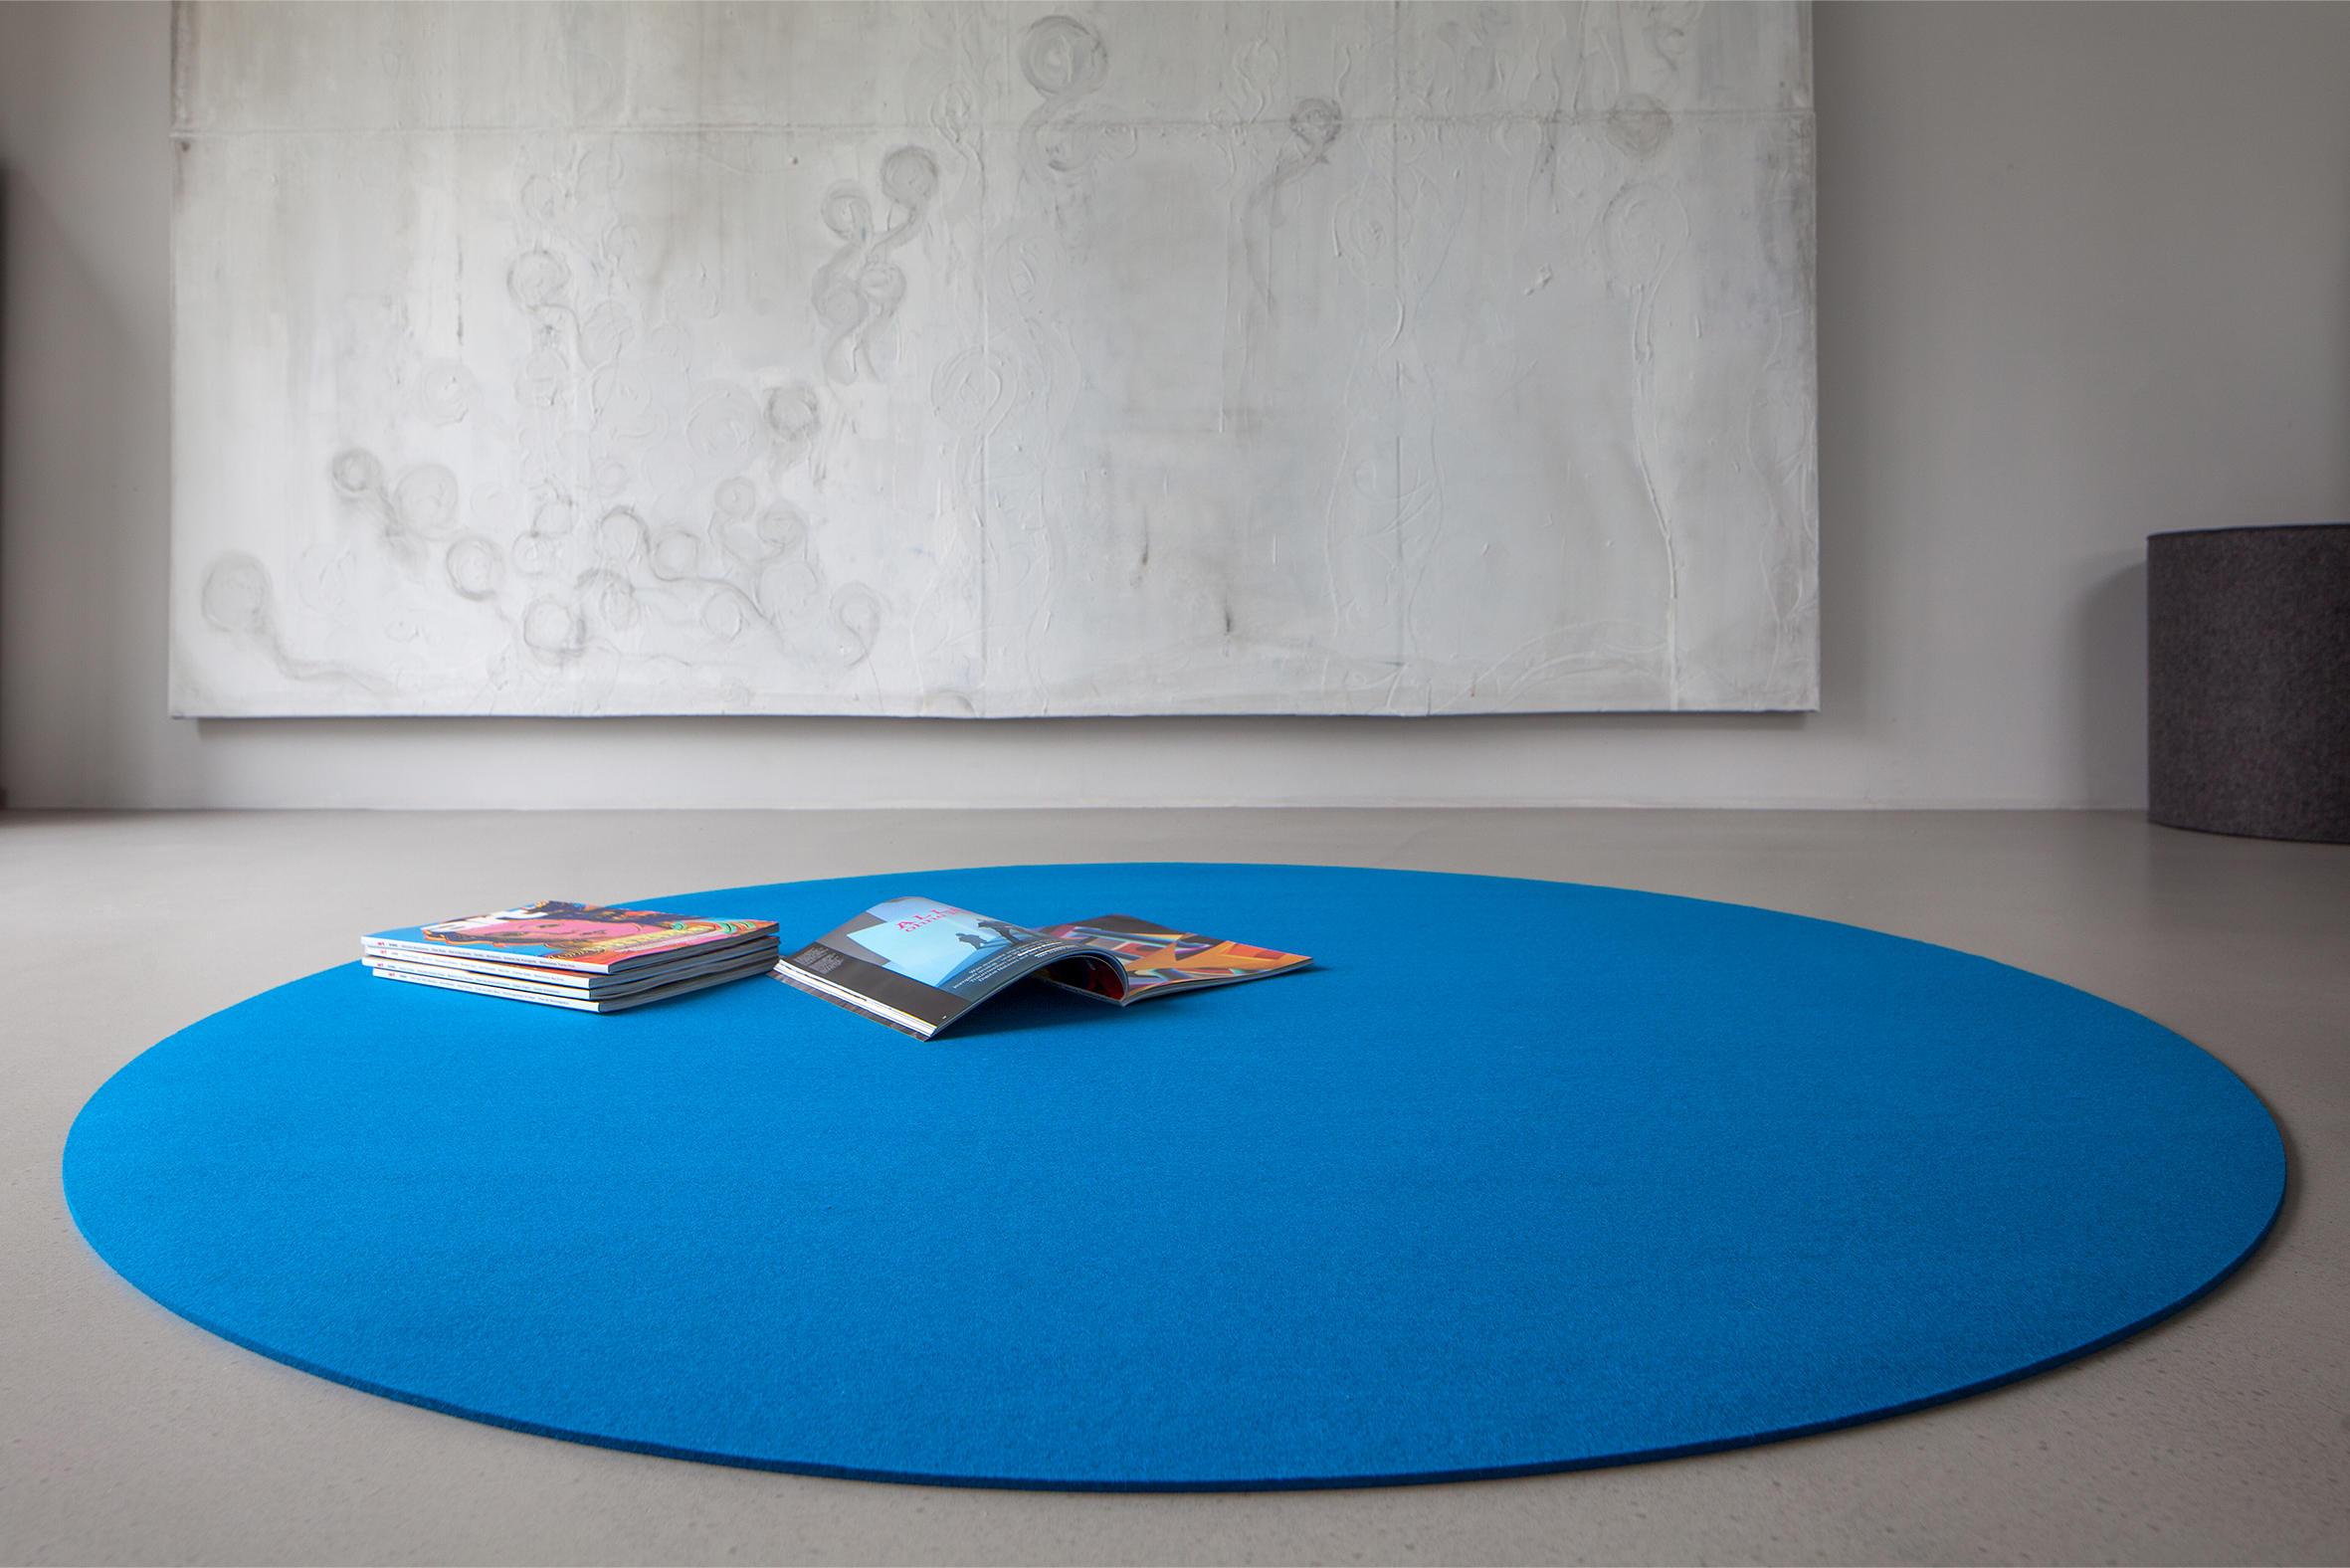 teppich bigdot formatteppiche designerteppiche von hey sign architonic. Black Bedroom Furniture Sets. Home Design Ideas